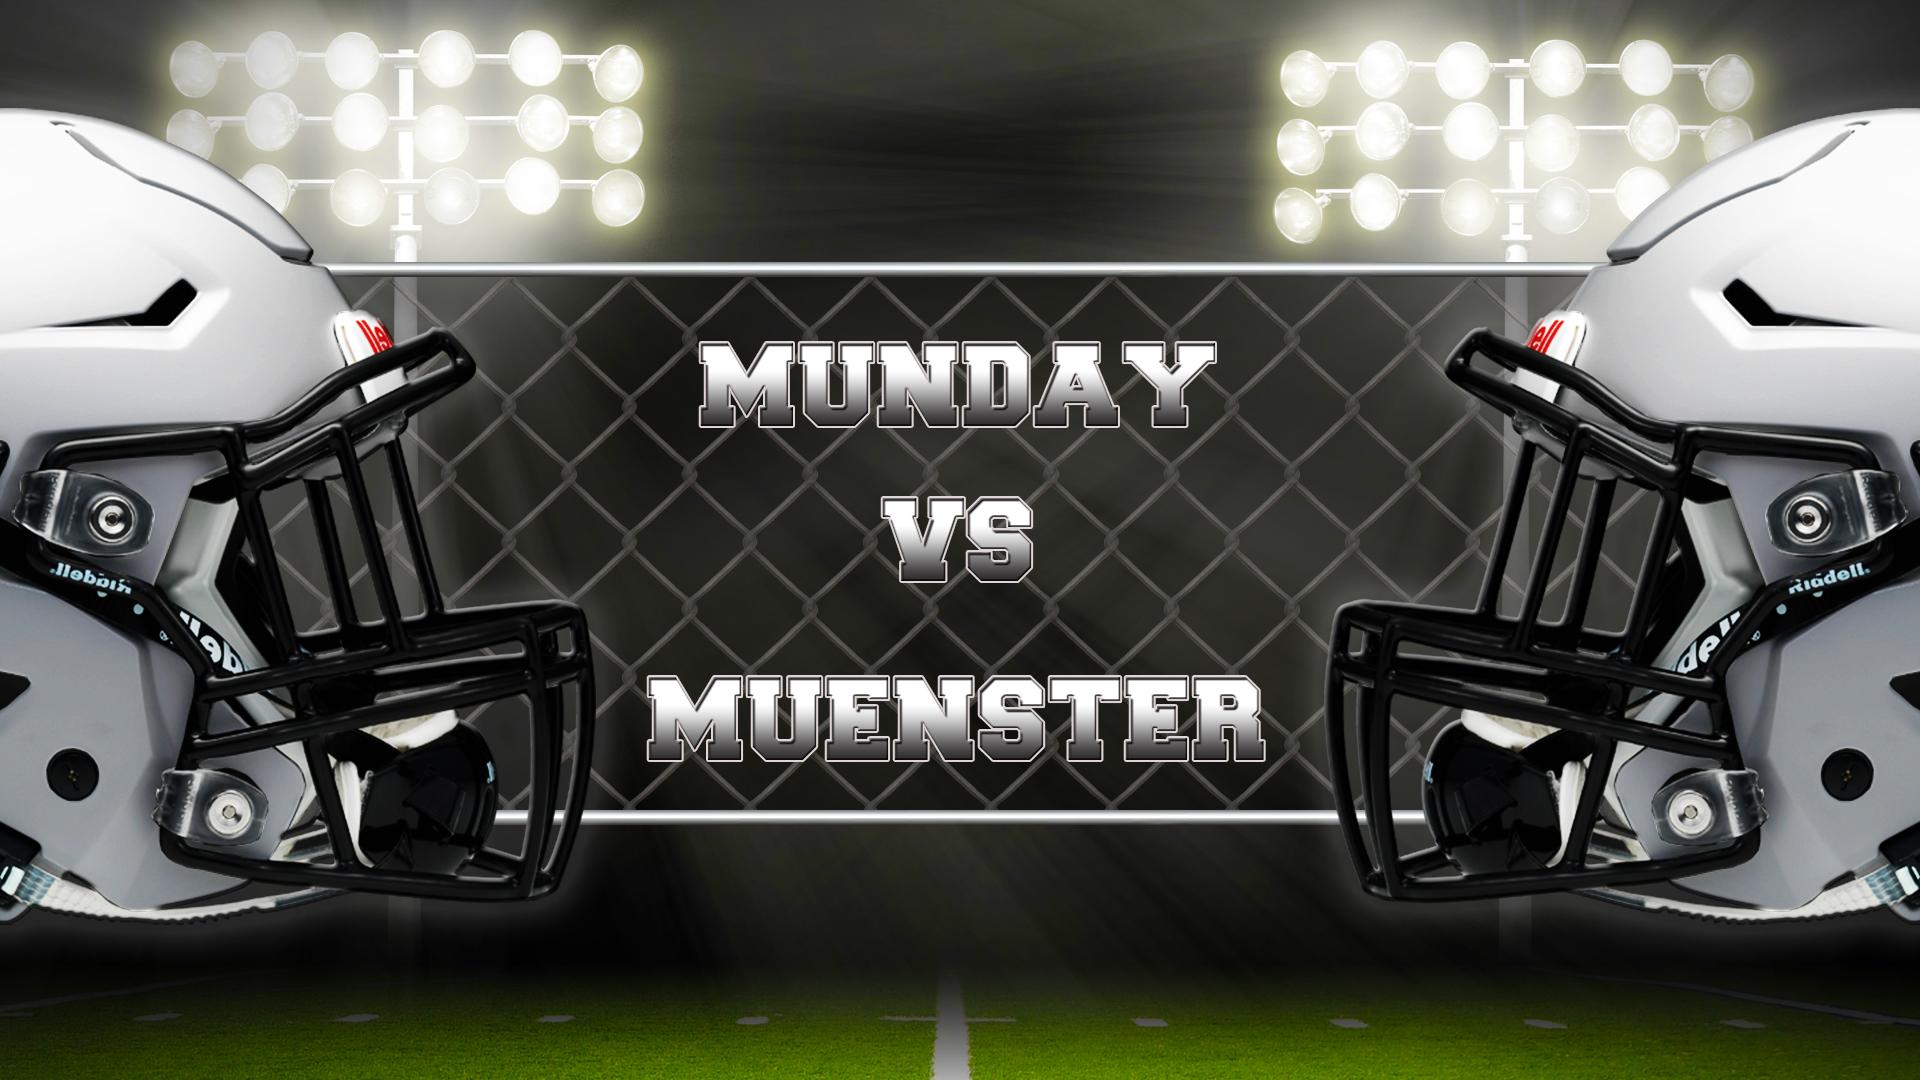 Munday vs Muenster_1479936096528.jpg